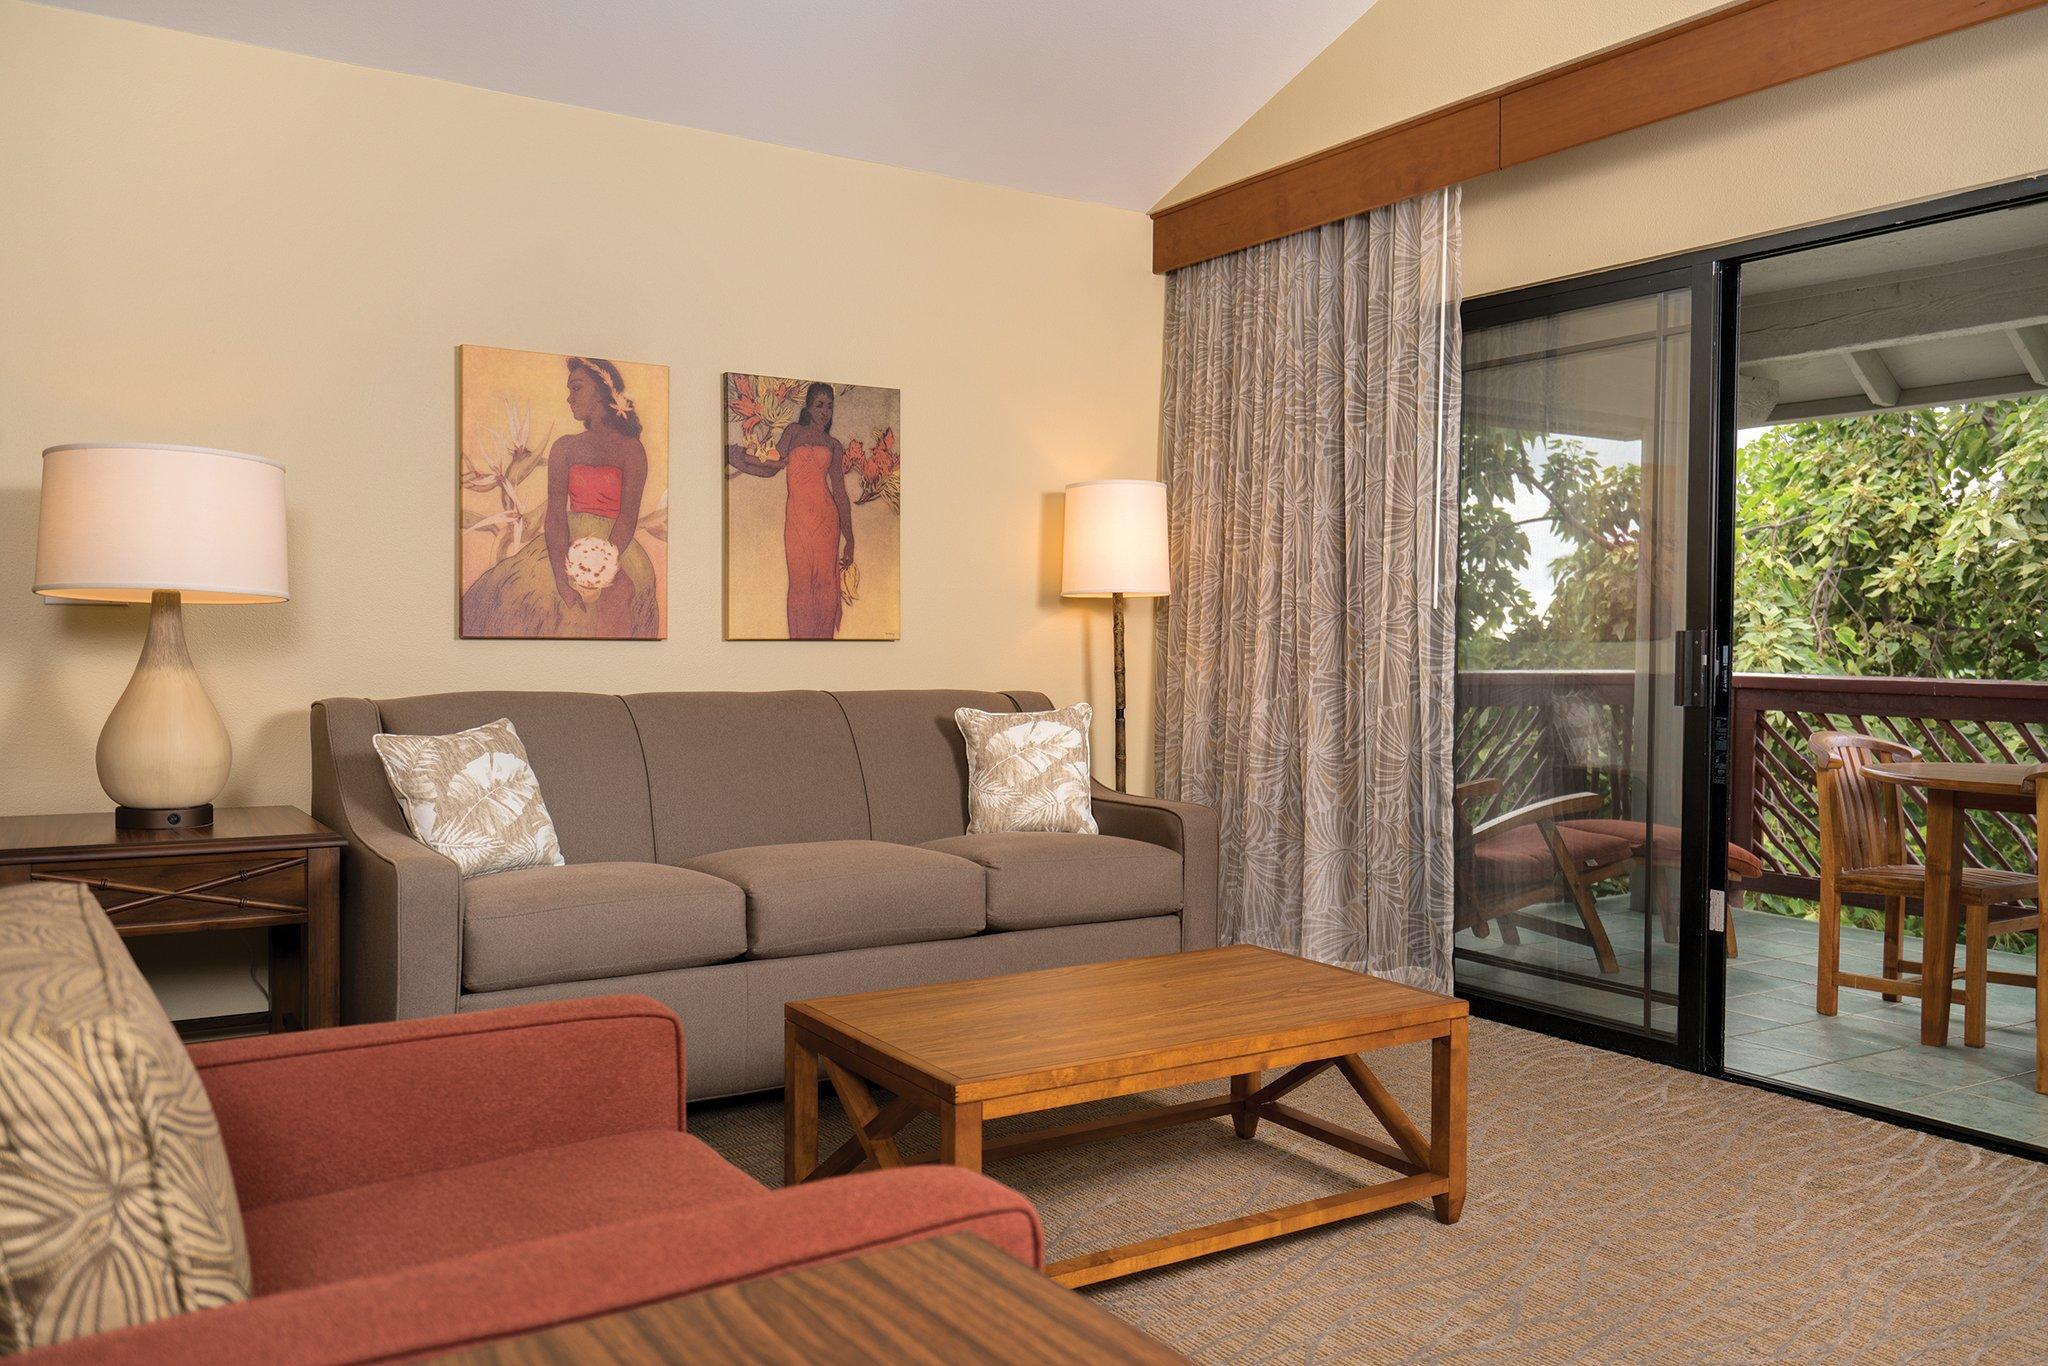 Wyndham Kona Hawaiian Resort image 1